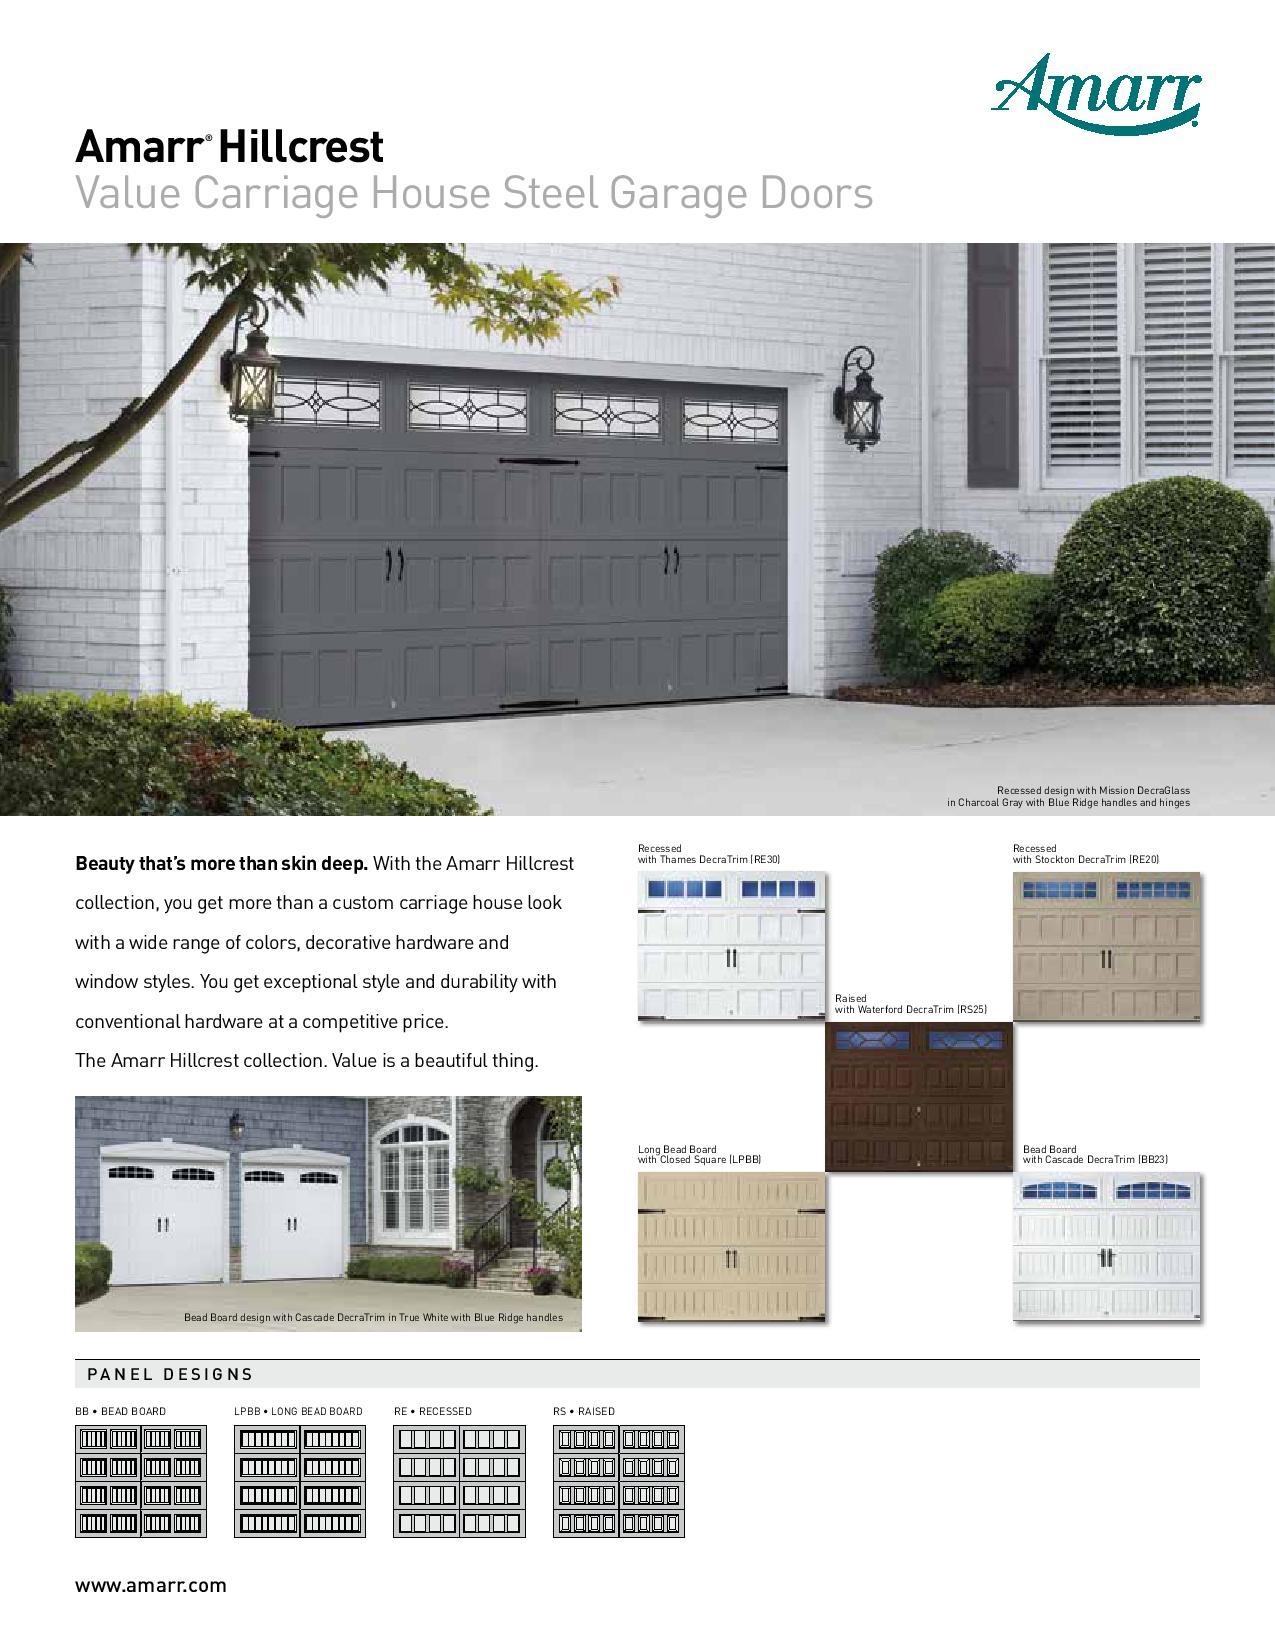 Amarr doors for sale